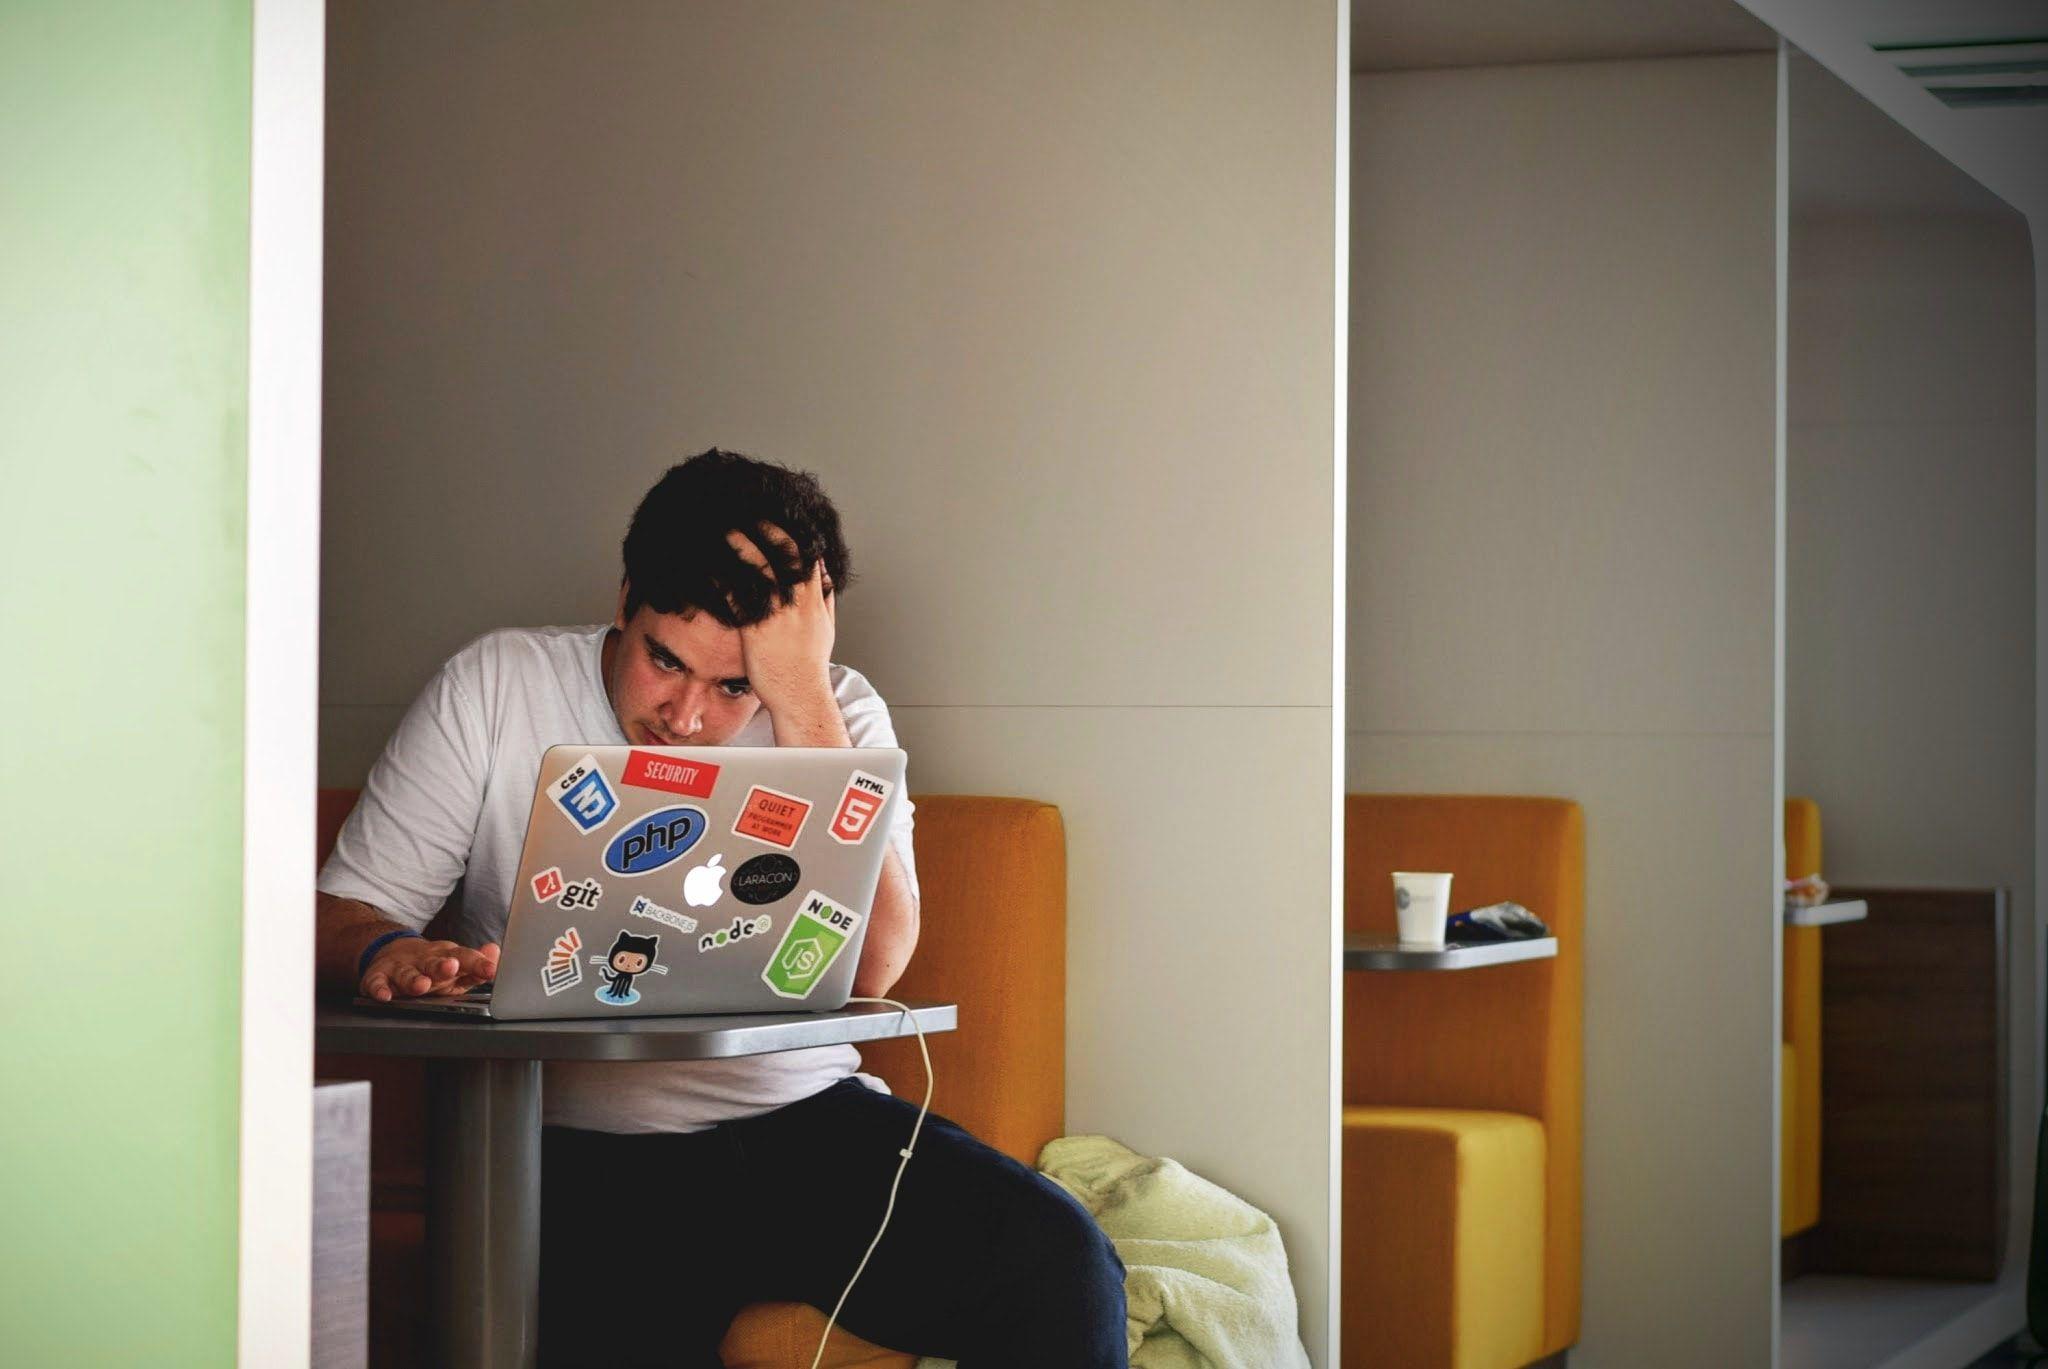 مرد با استرس درحال کار با لپتاپ